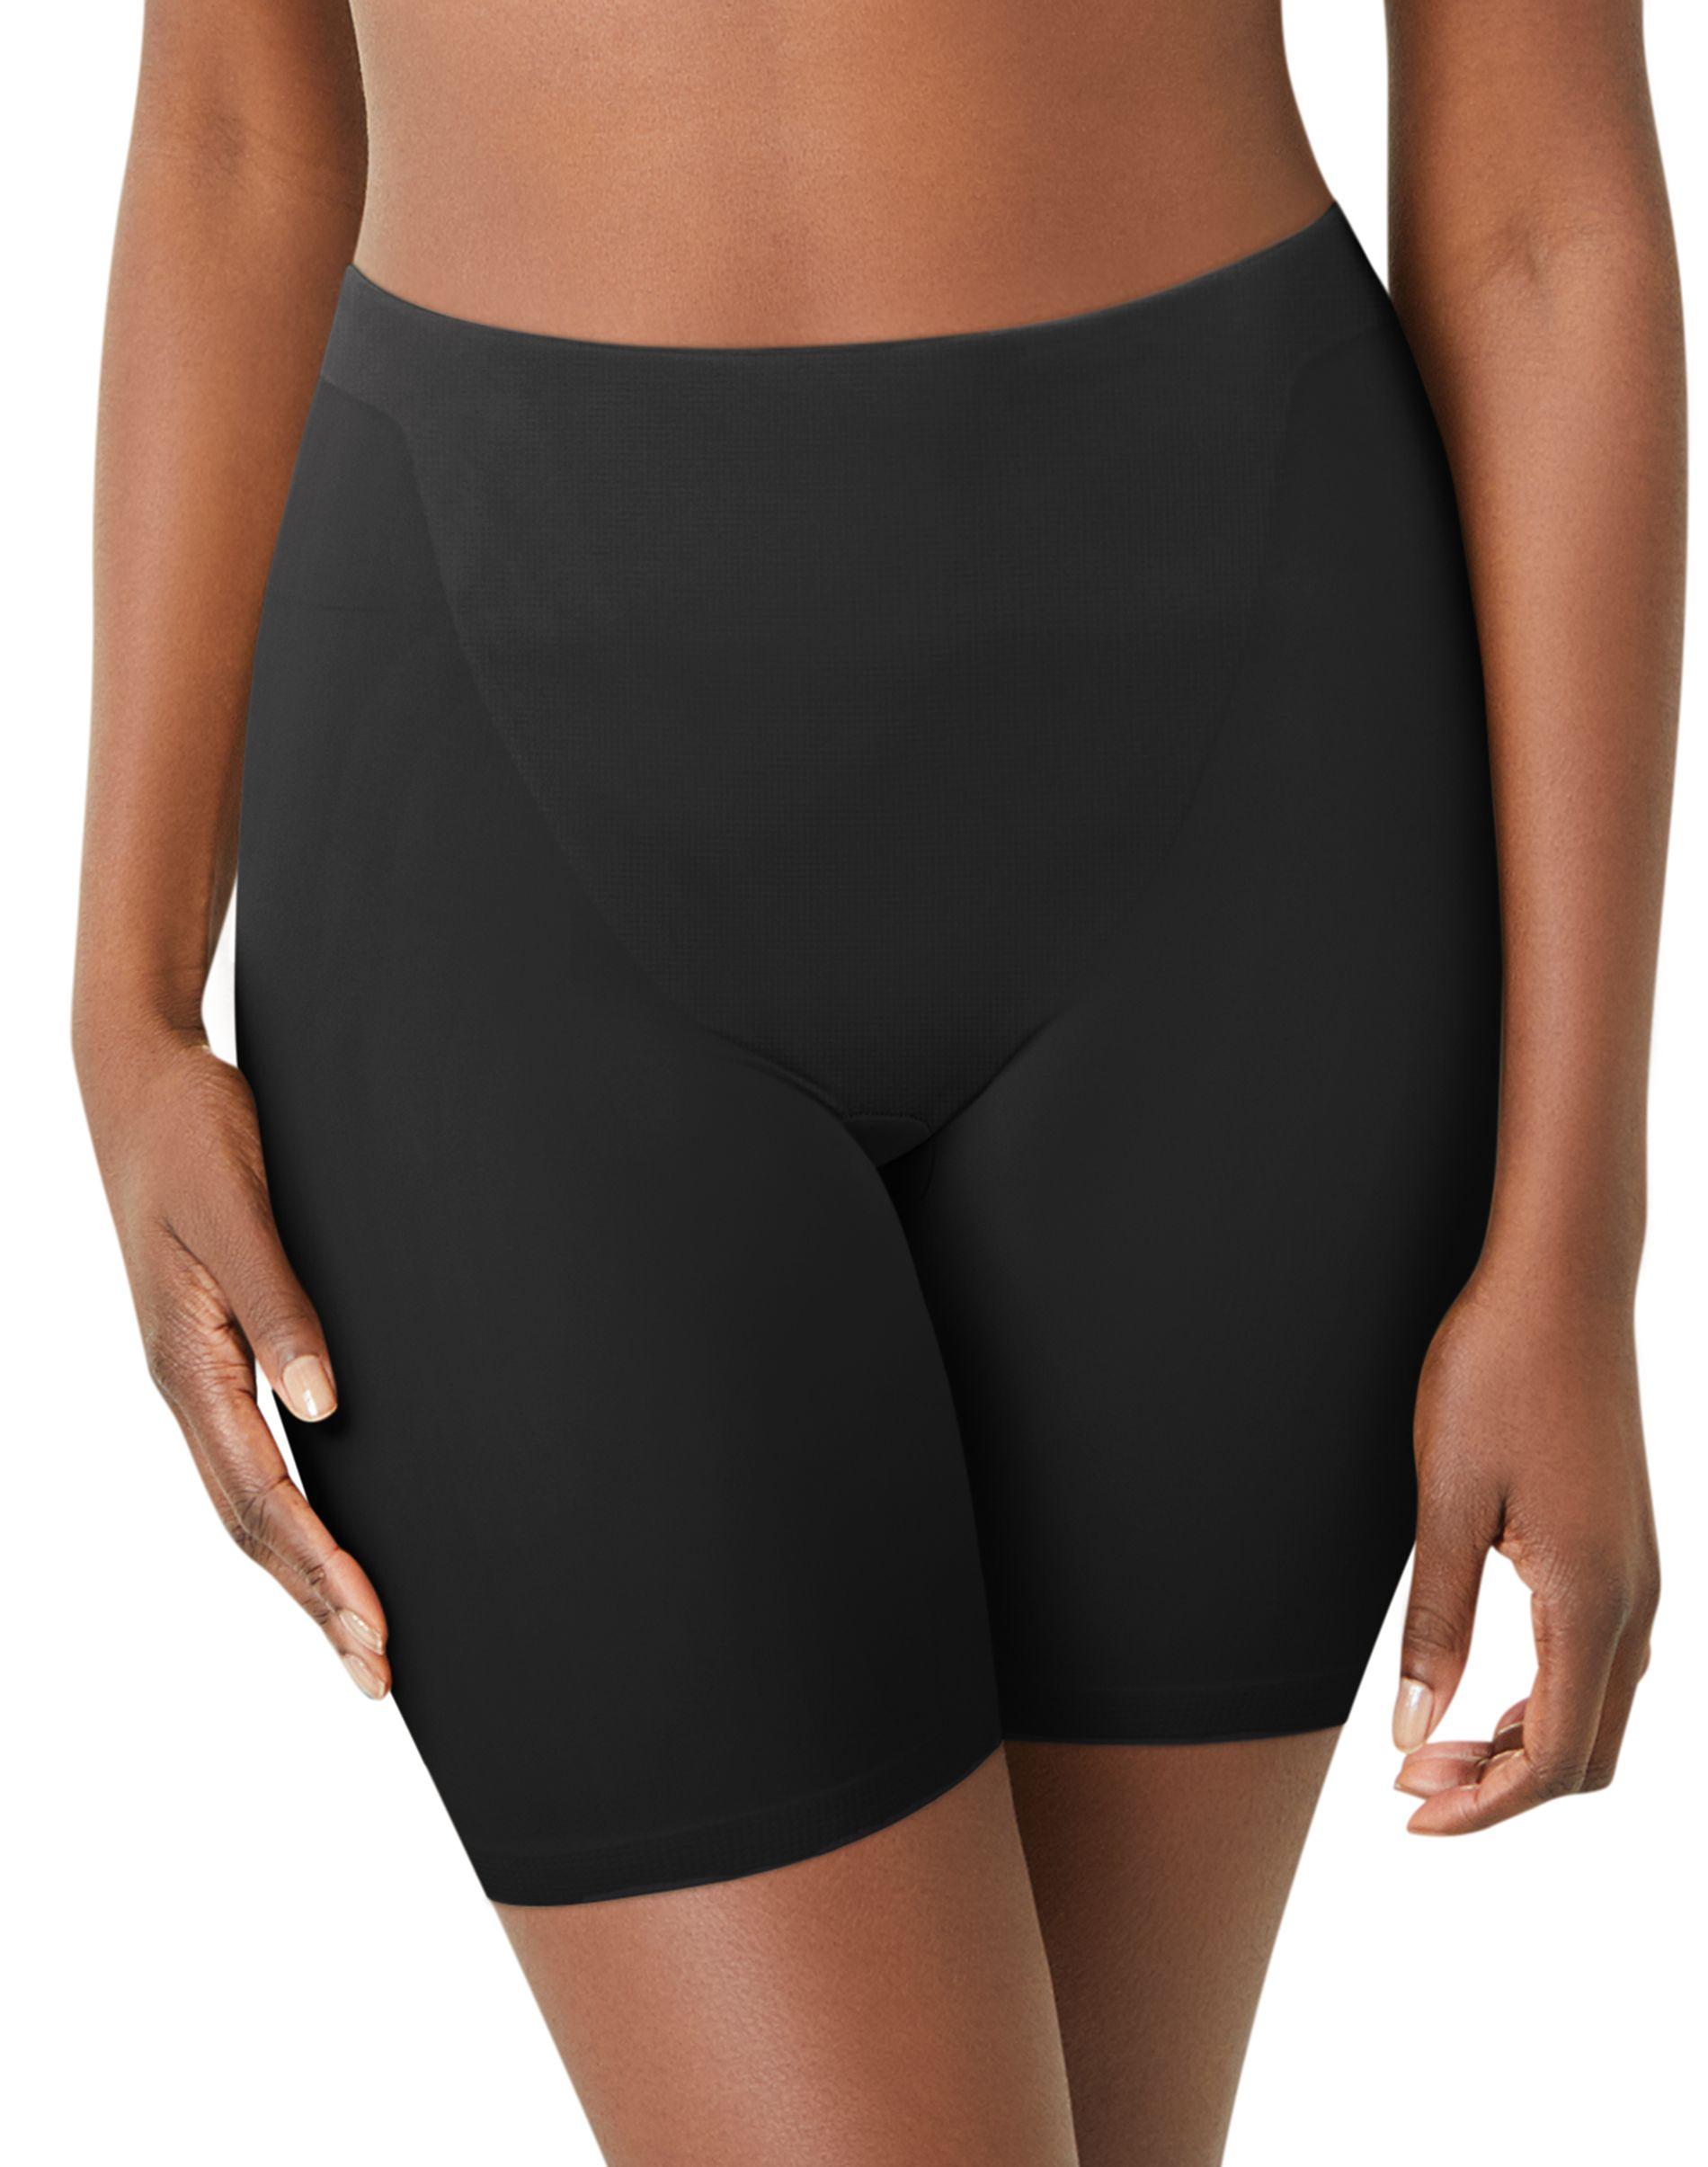 bali comfort revolution easy lite smoothing slip short women Bali